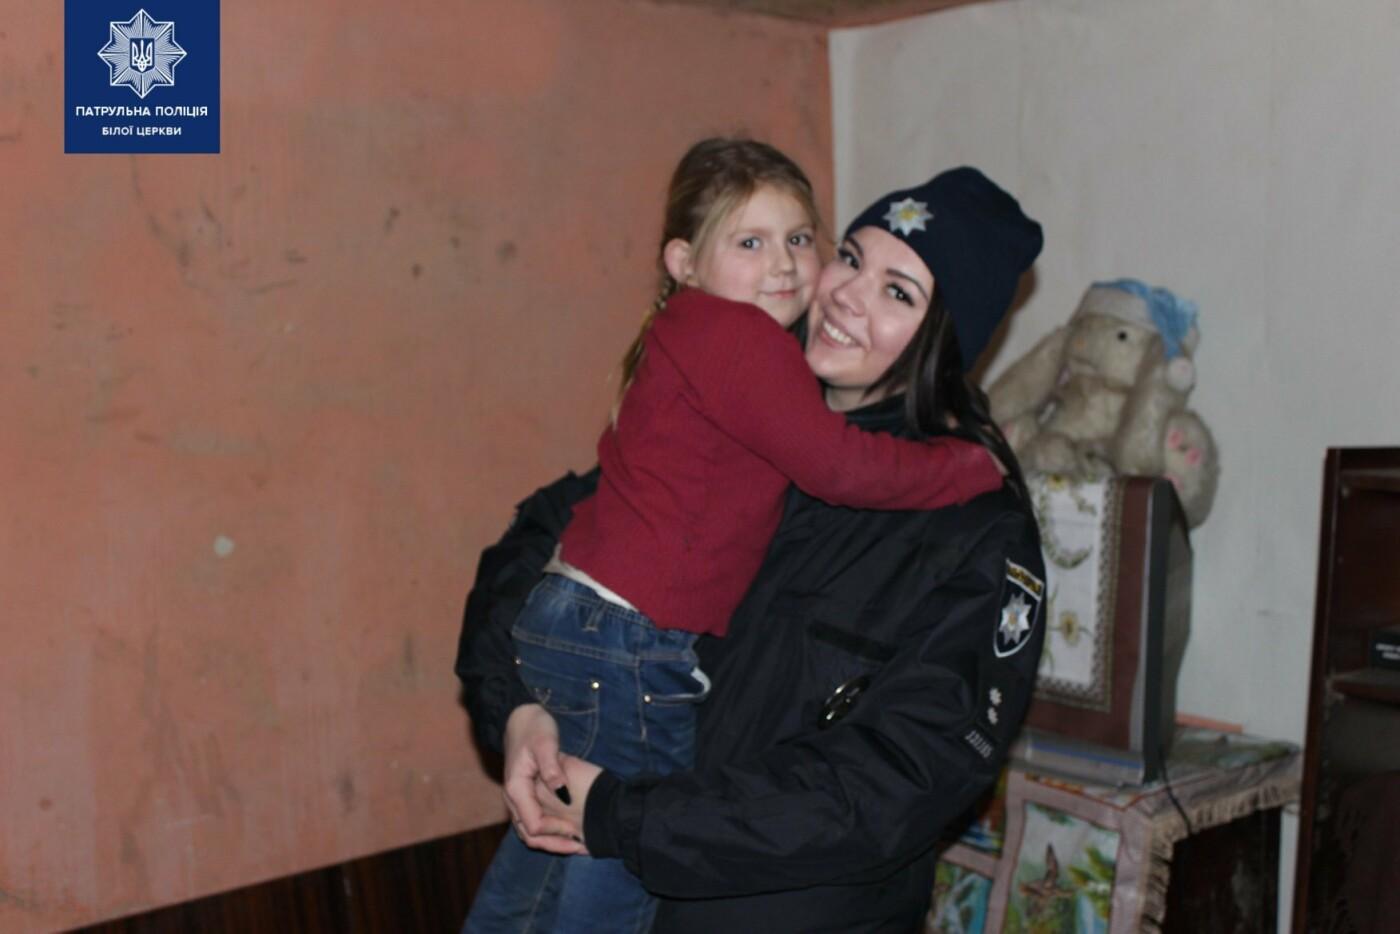 Білоцерківські патрульні та патрульний капелан привітали діток зі святами, фото-11